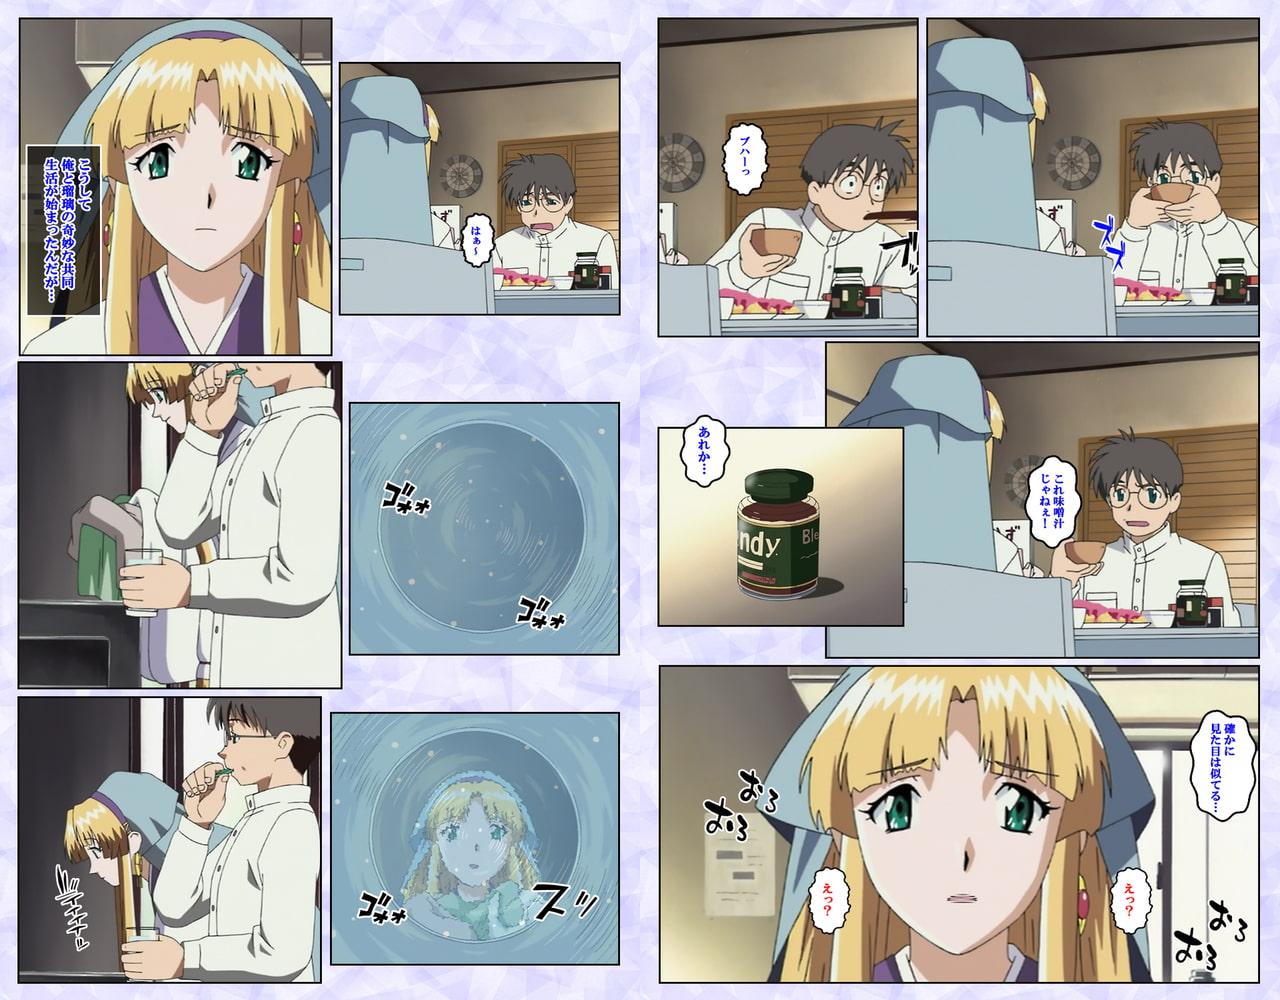 真・瑠璃色の雪 其の二 Complete版【フルカラー成人版】